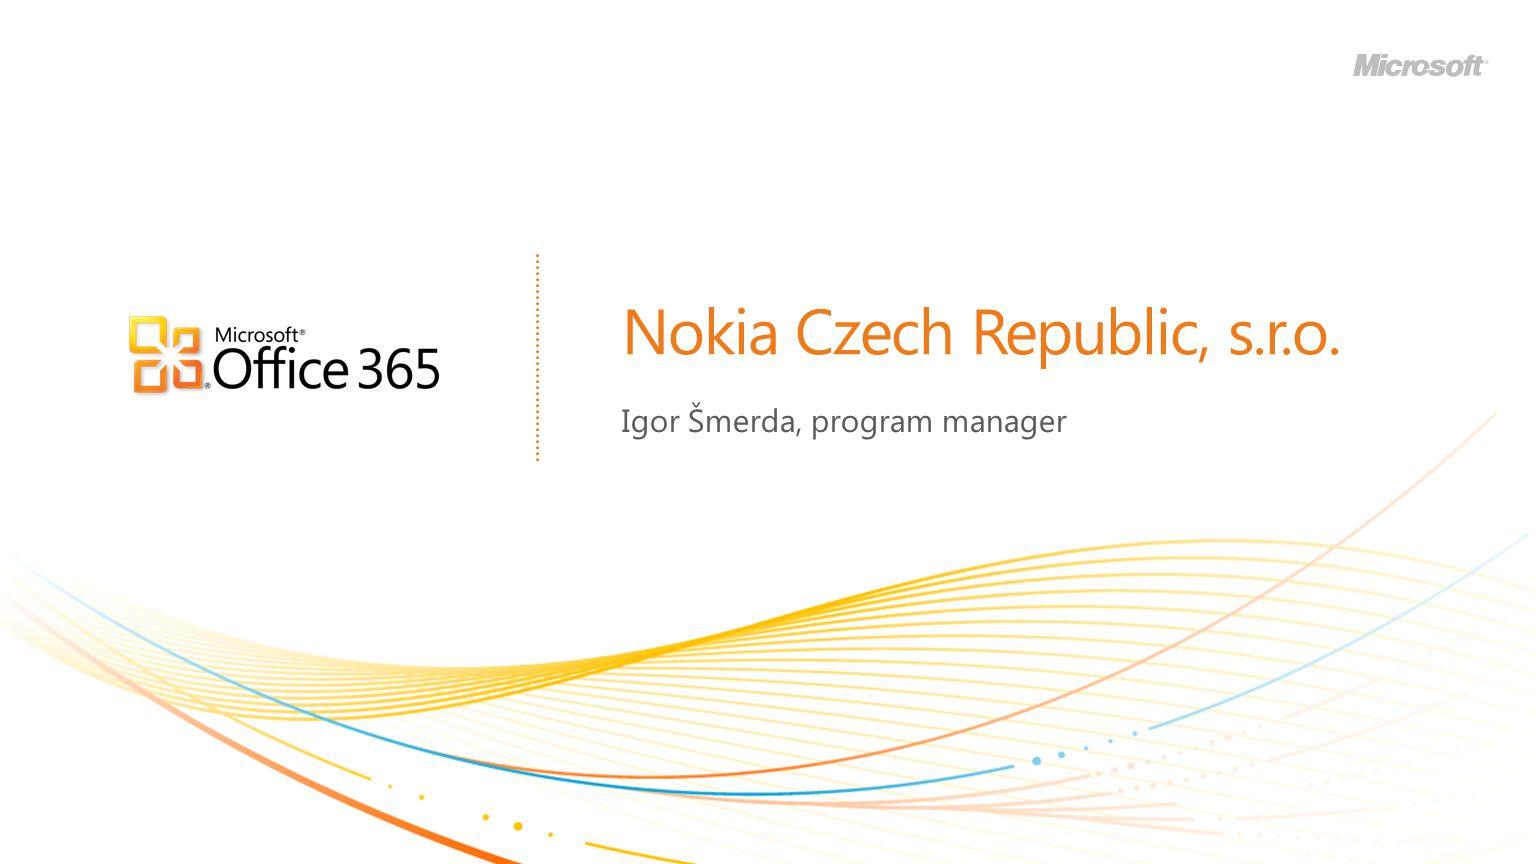 Nokia Czech Republic, s.r.o. Igor Šmerda, program manager